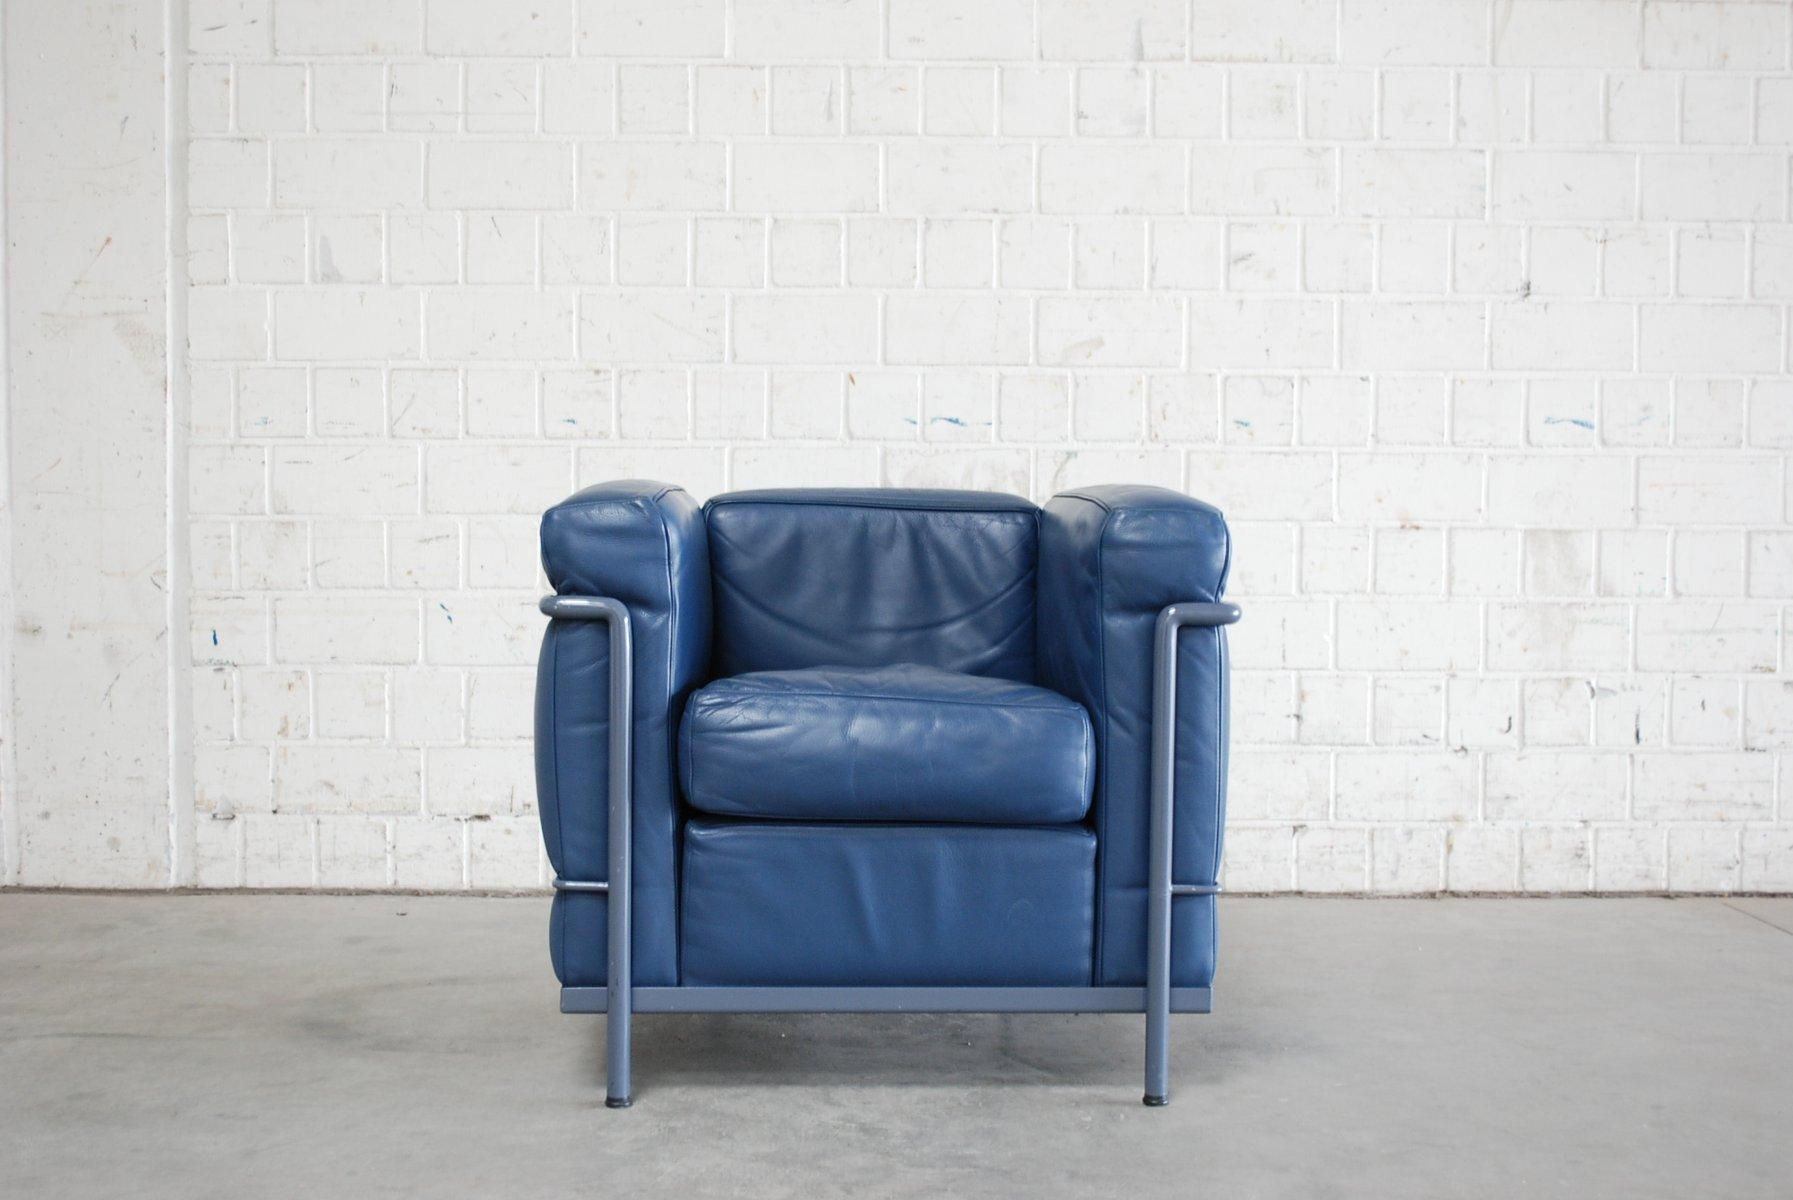 chaise vintage bleue mod le lc2 en cuir par le corbusier pour cassina en vente sur pamono. Black Bedroom Furniture Sets. Home Design Ideas